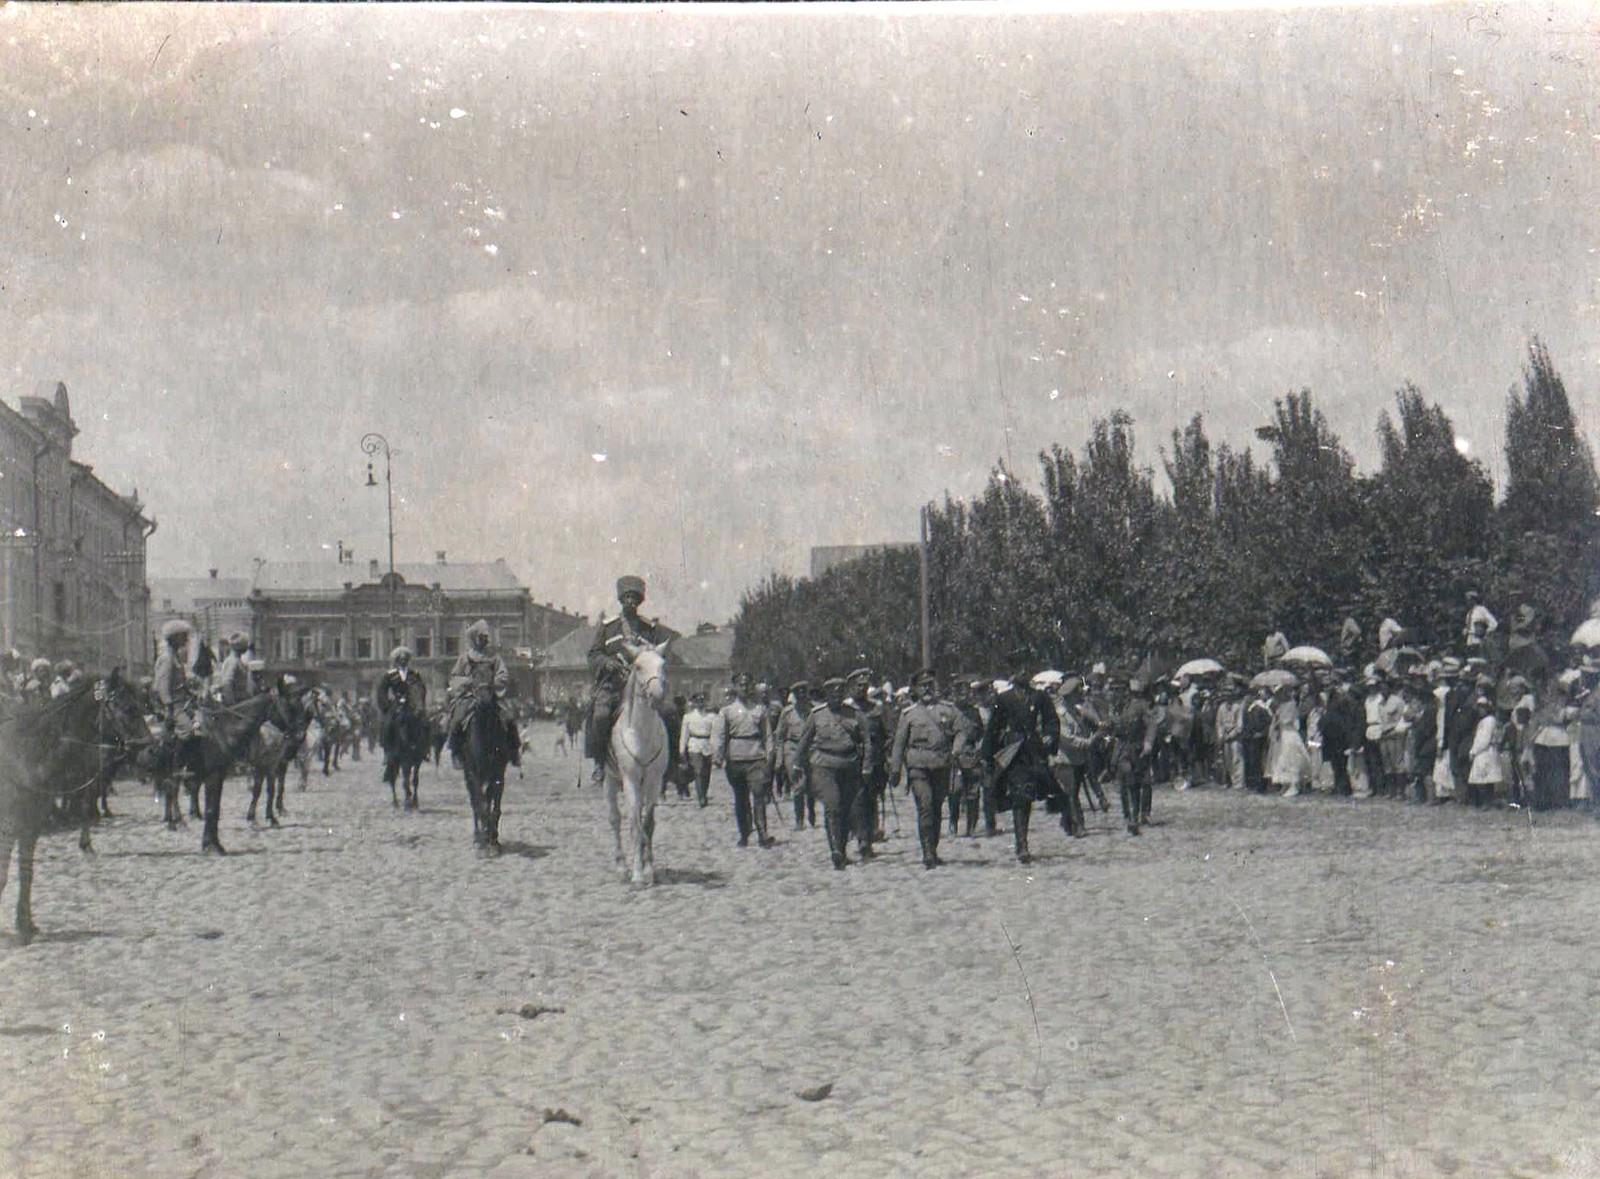 128. 1919. Парад войск в Царицыне.20 июня